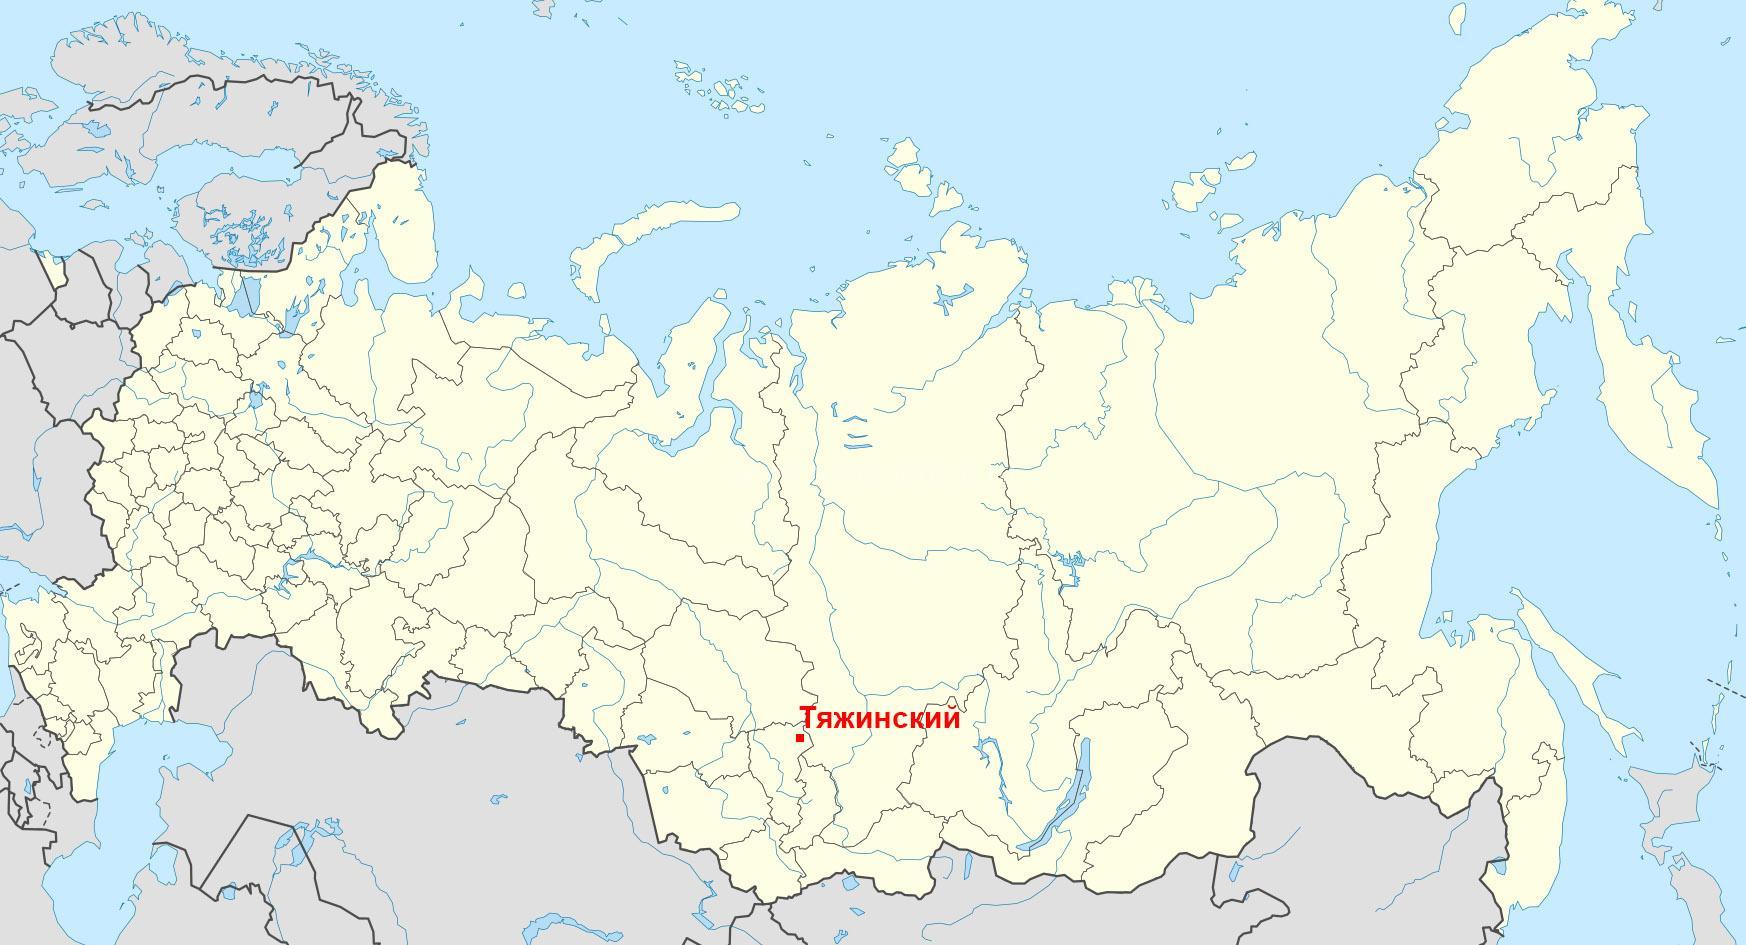 поселок Тяжинский на карте России